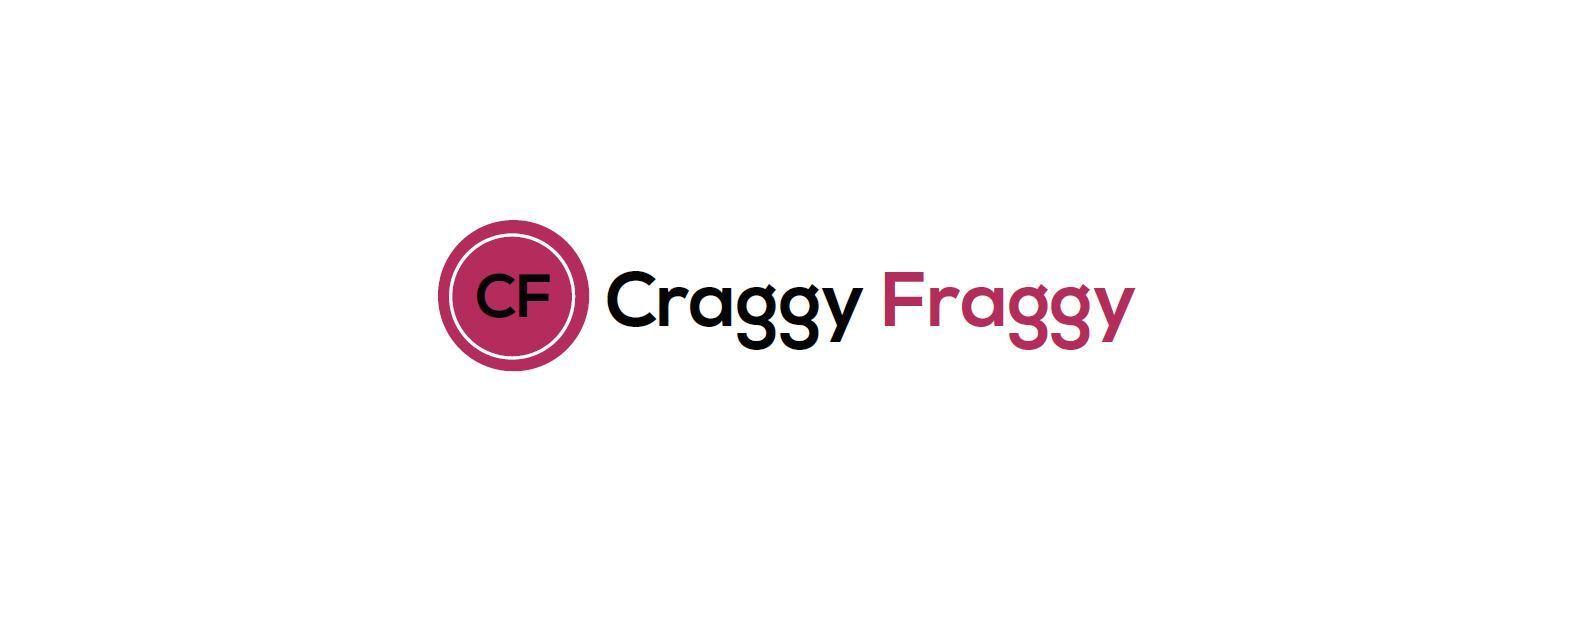 Craggy Fraggy